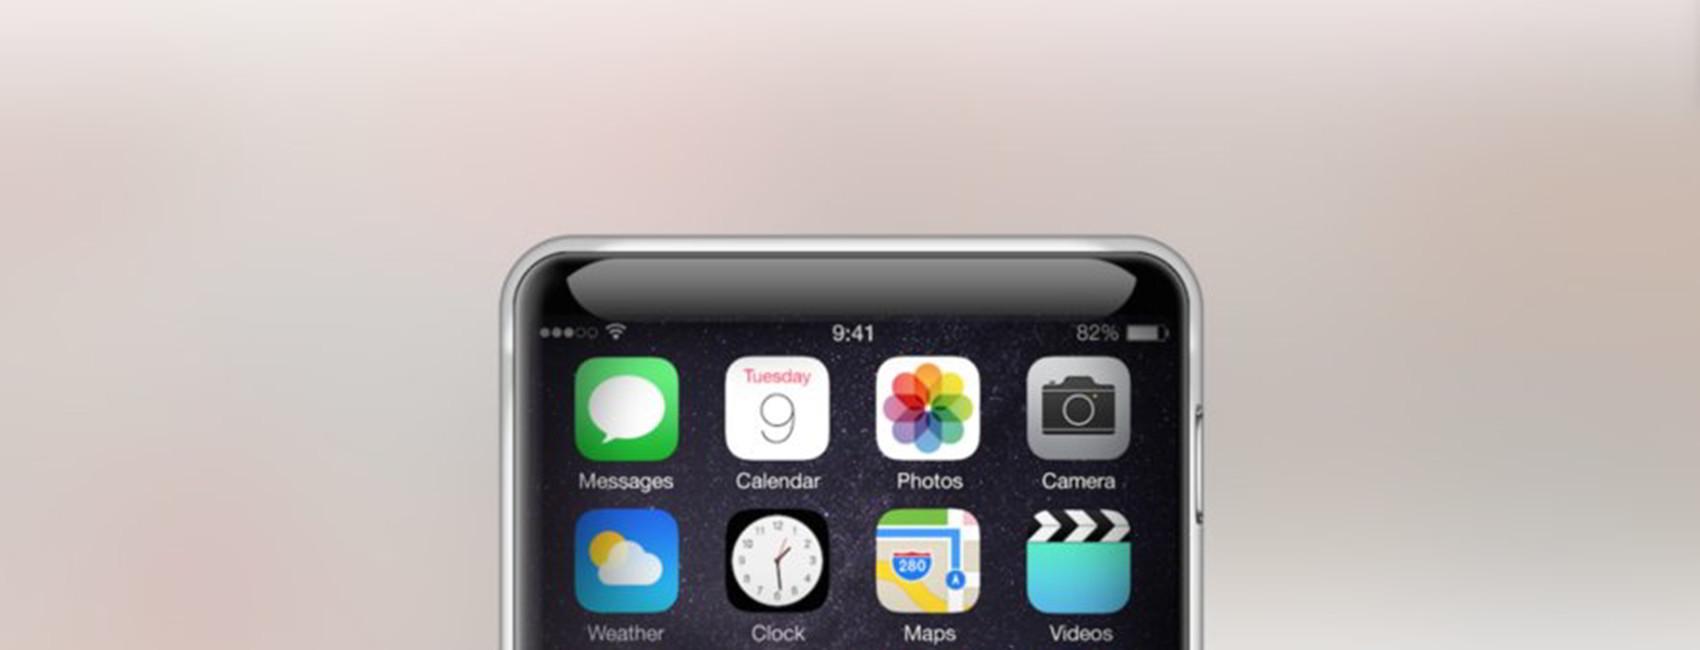 iPhone 7 concept fara buton Home feat